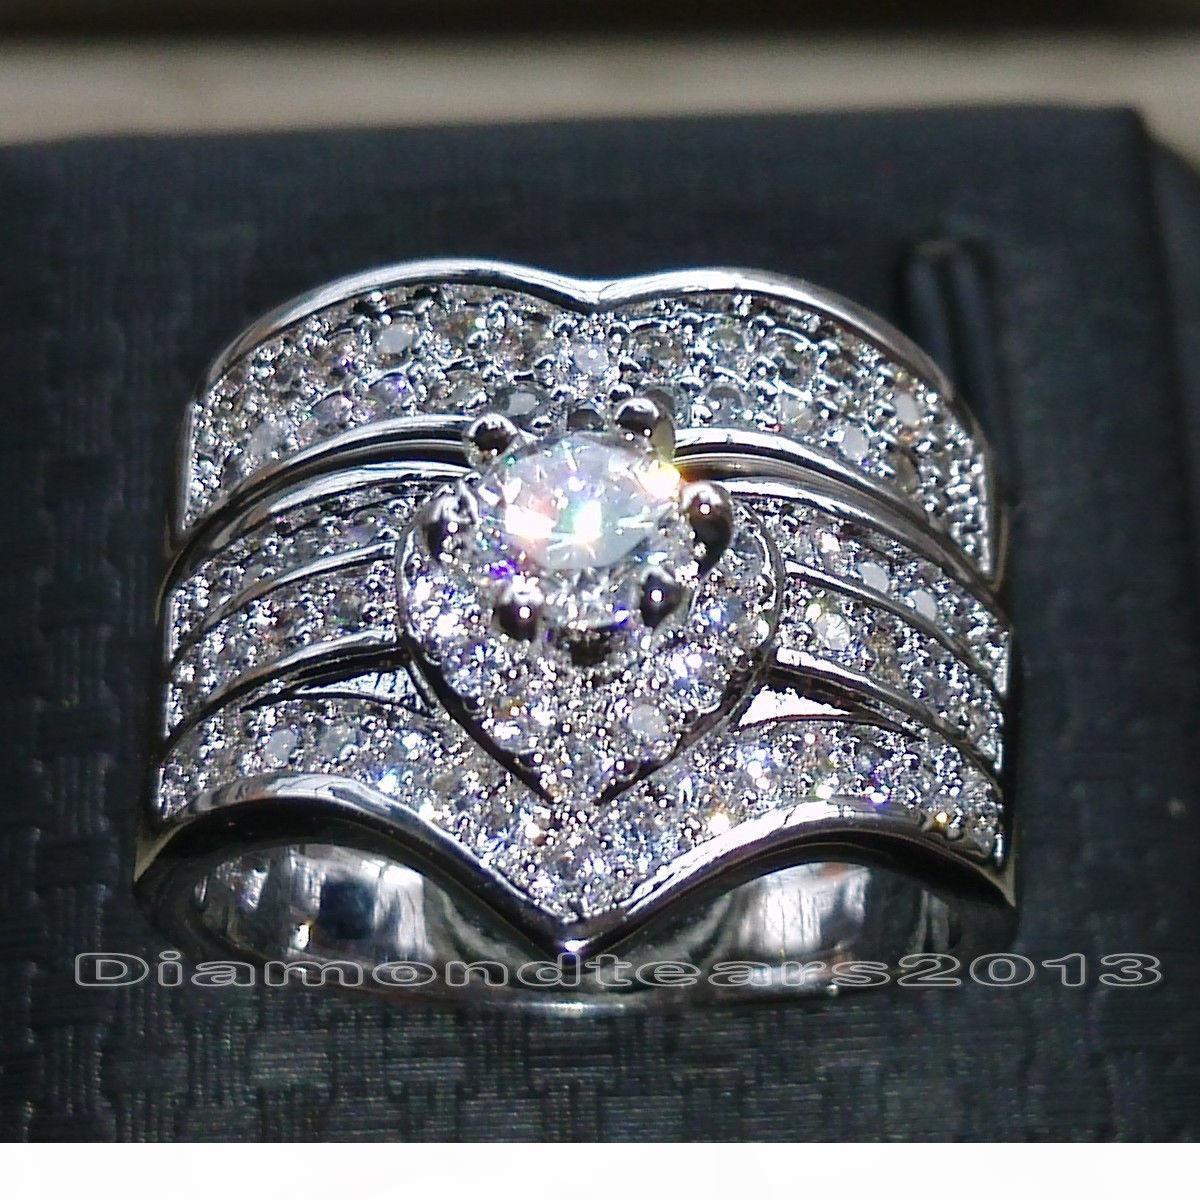 Victoria Wieck Luxuxschmucksachen Marke Desgin 10kt Weißgold gefüllt Rundschnitt-Saphir CZ-Diamant-Hochzeit Brautringe für Frauen Größe 5-11